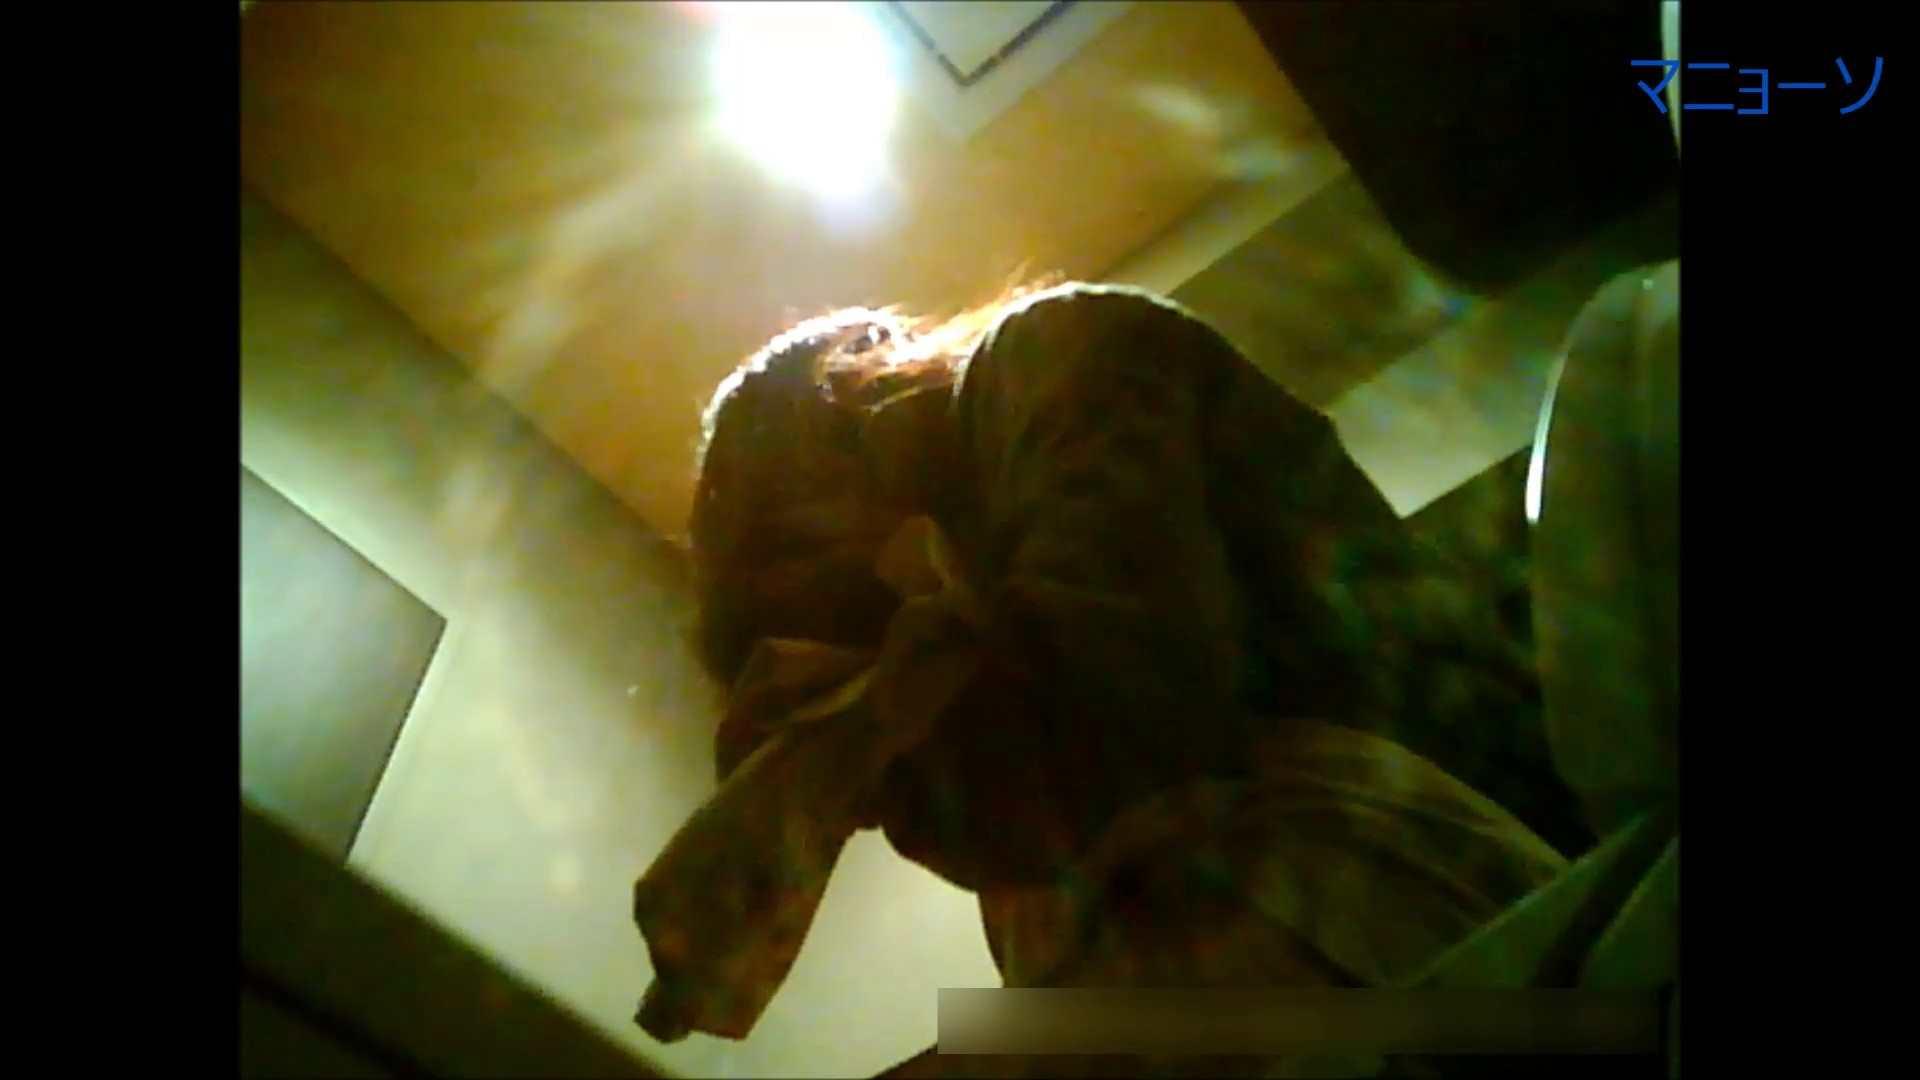 トイレでひと肌脱いでもらいました (JD編)Vol.01 トイレ中 | OL  67連発 45